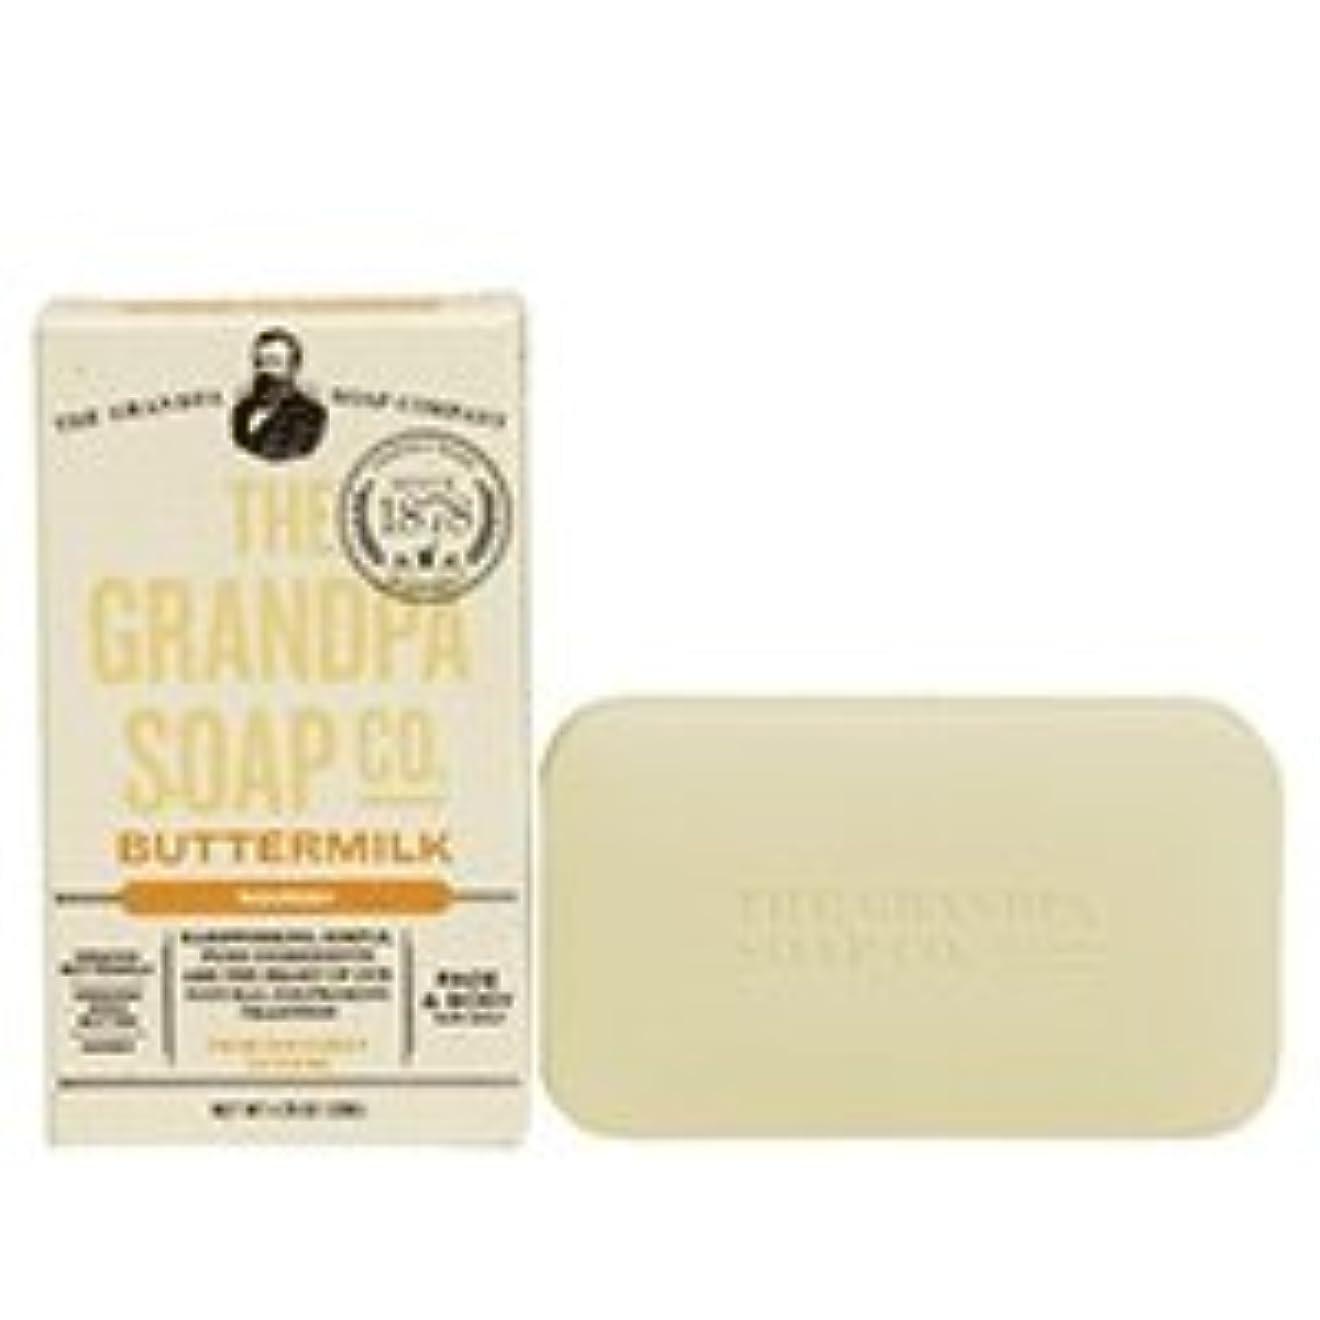 またはどちらか横に許さないグランパ バターミルクナリッシュソープ 3.25oz(約92g)2個